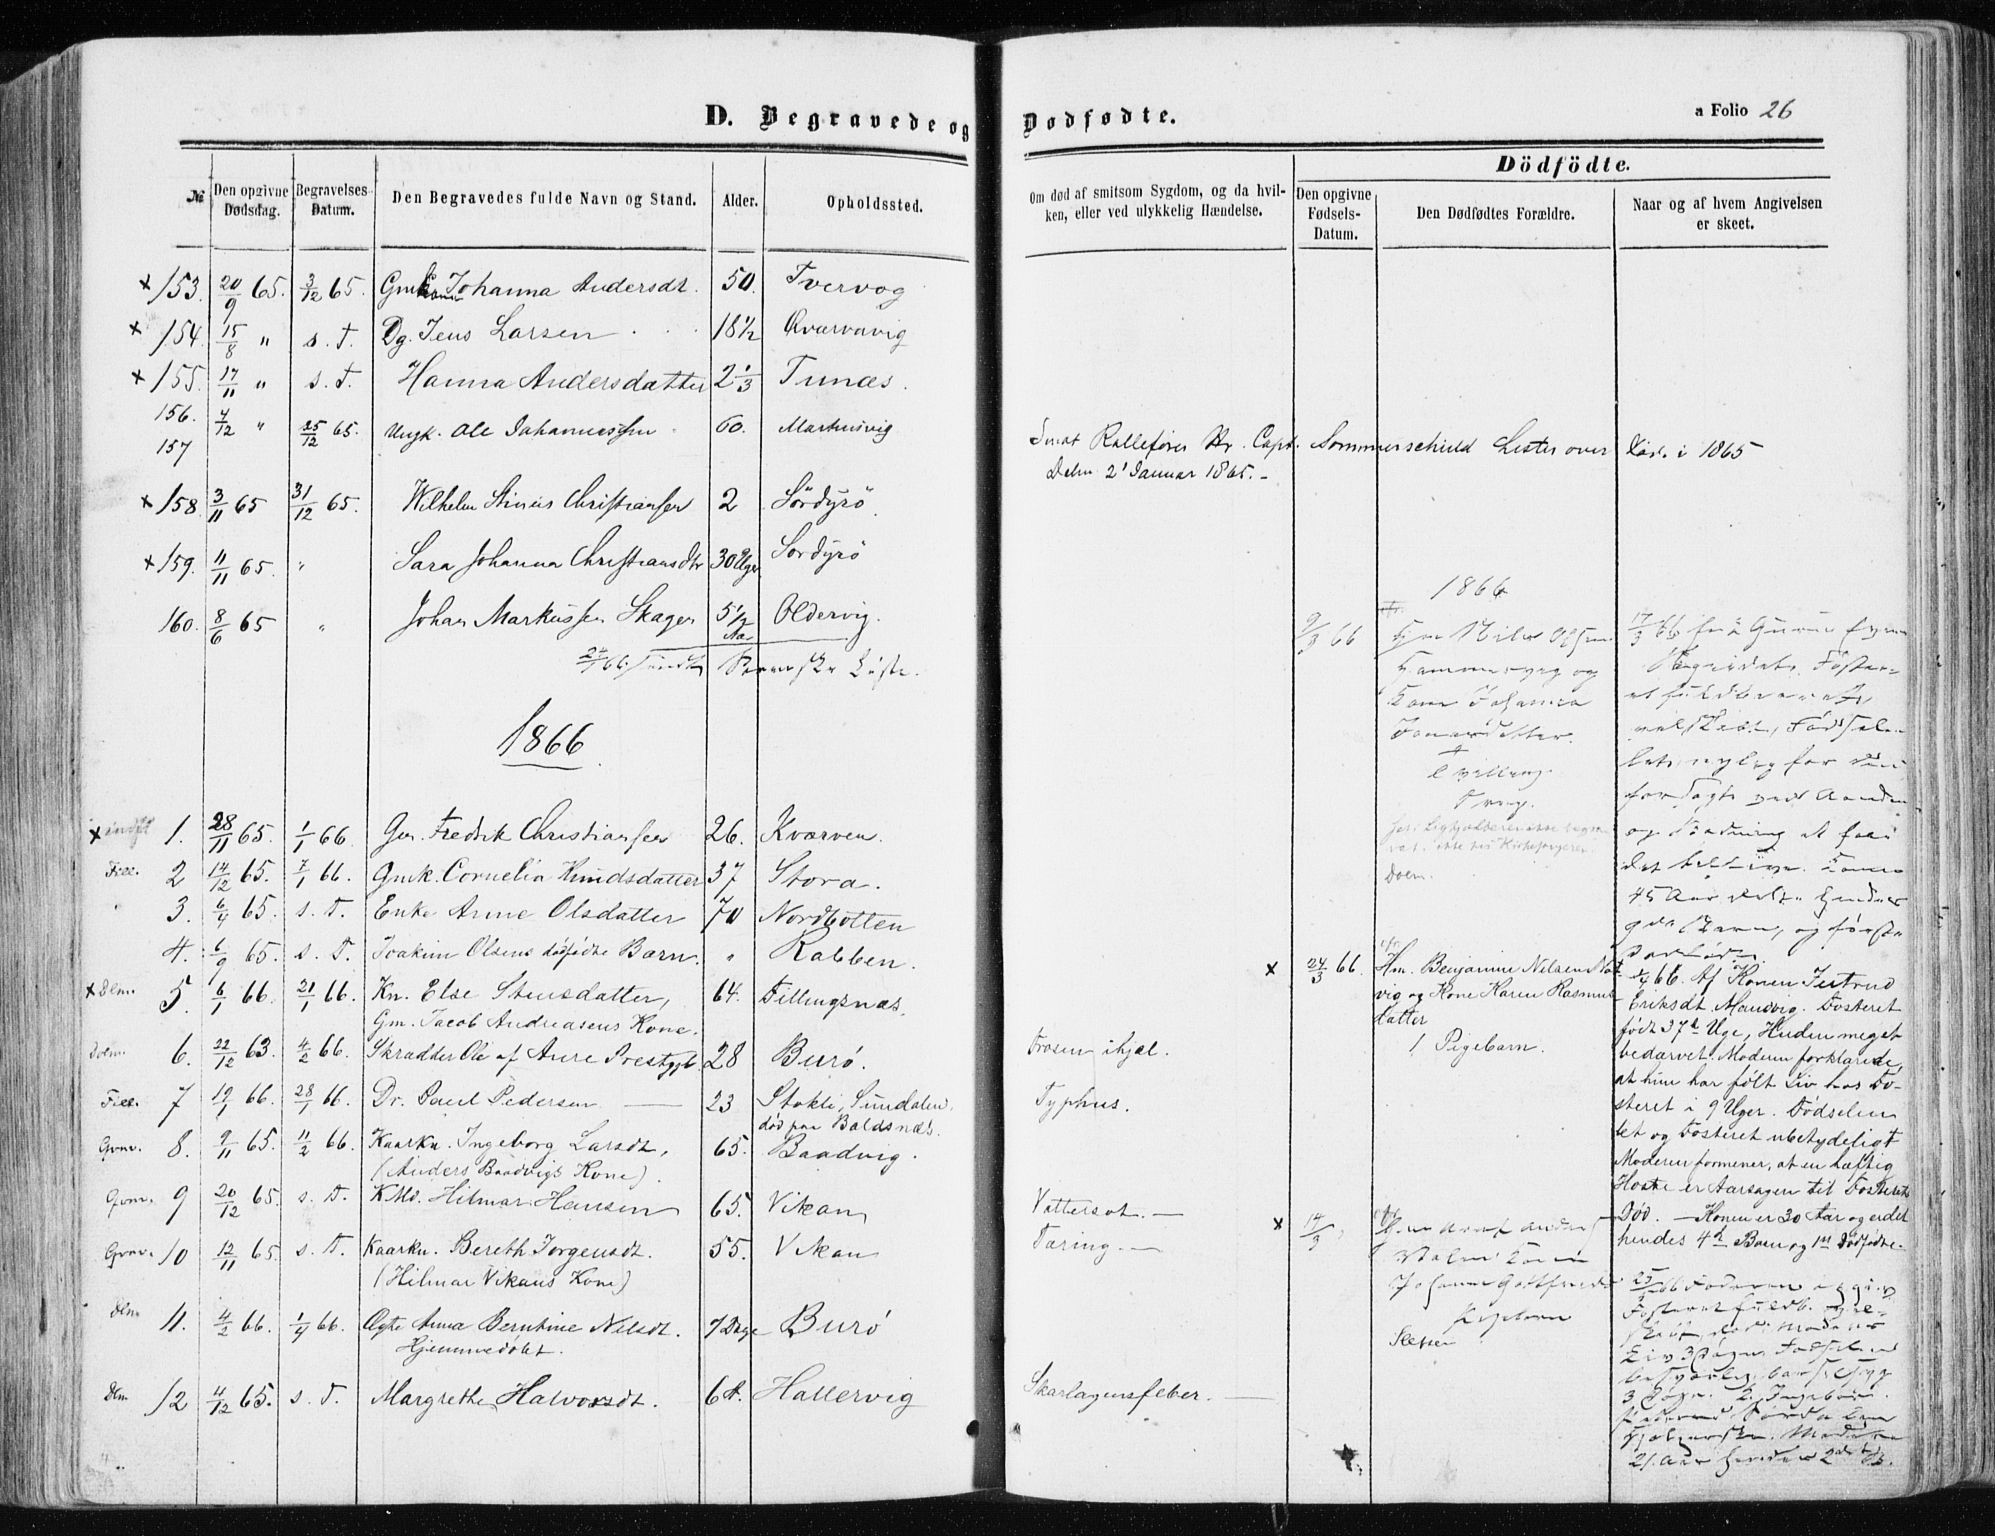 SAT, Ministerialprotokoller, klokkerbøker og fødselsregistre - Sør-Trøndelag, 634/L0531: Ministerialbok nr. 634A07, 1861-1870, s. 26